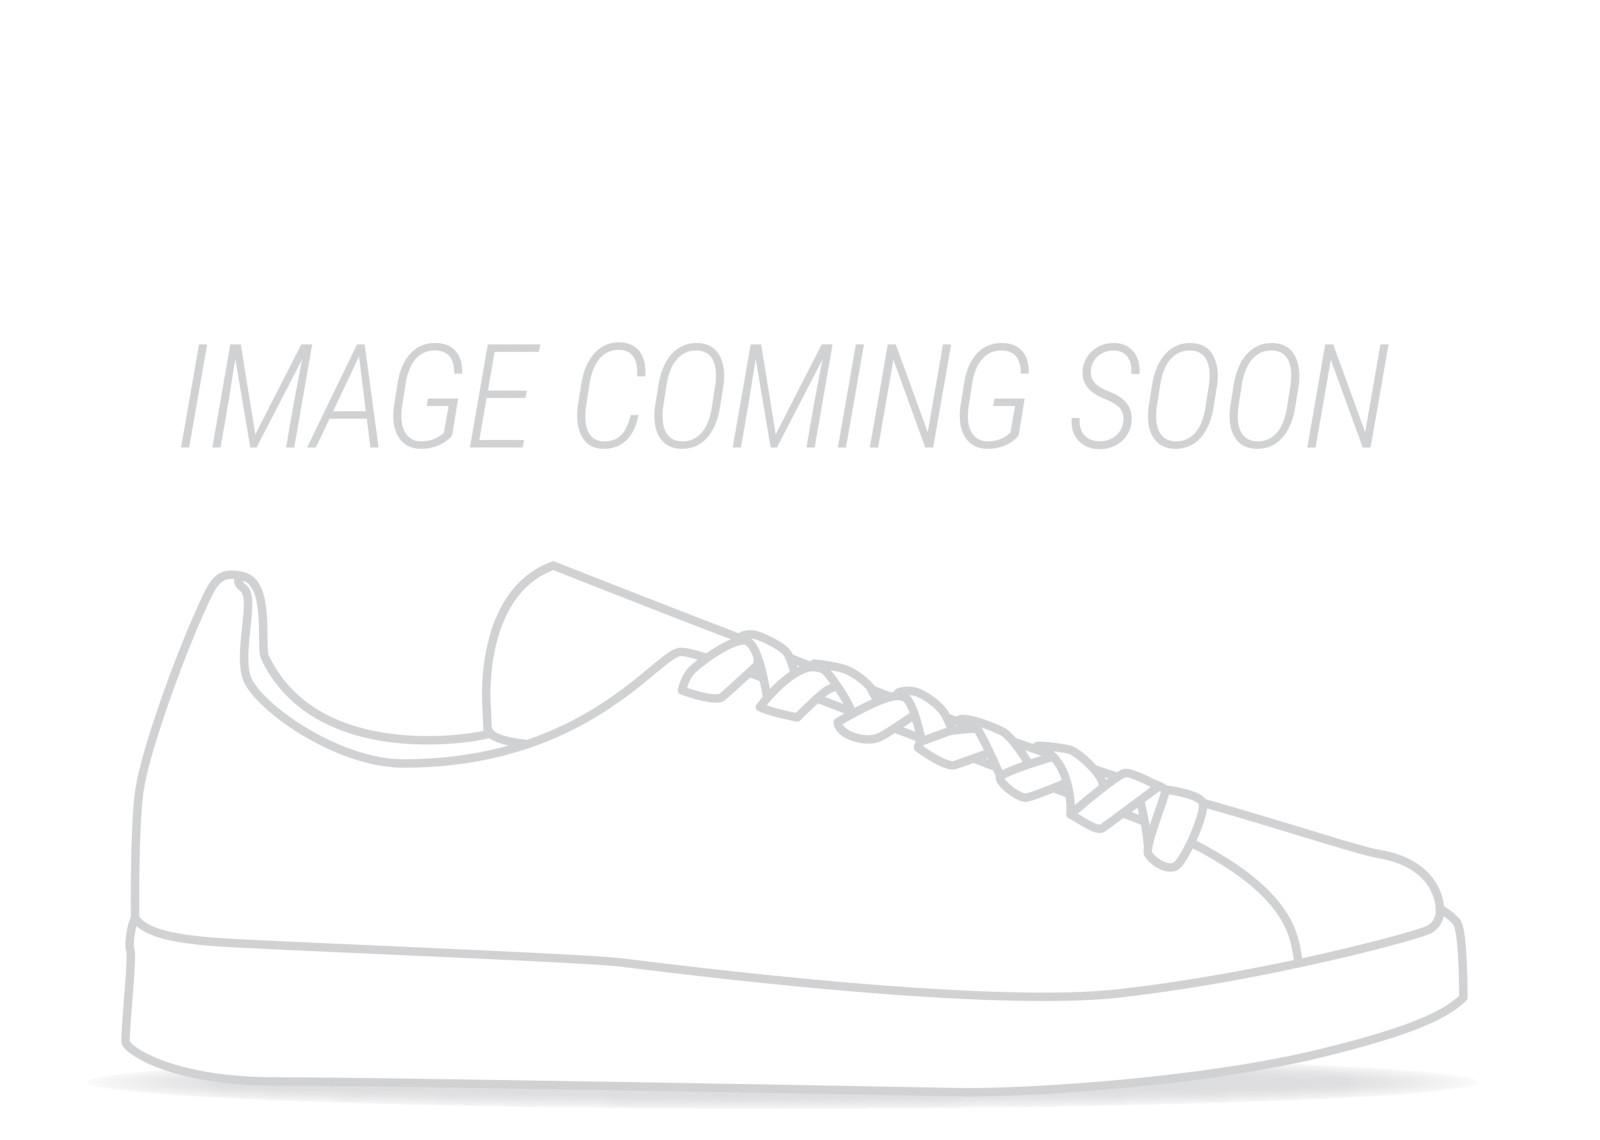 ナイキ エアマックス 白 ホワイト FOOTWEAR OTHER BRANDS THE 10 NIKE AIR MAX 90 OFF WHITE